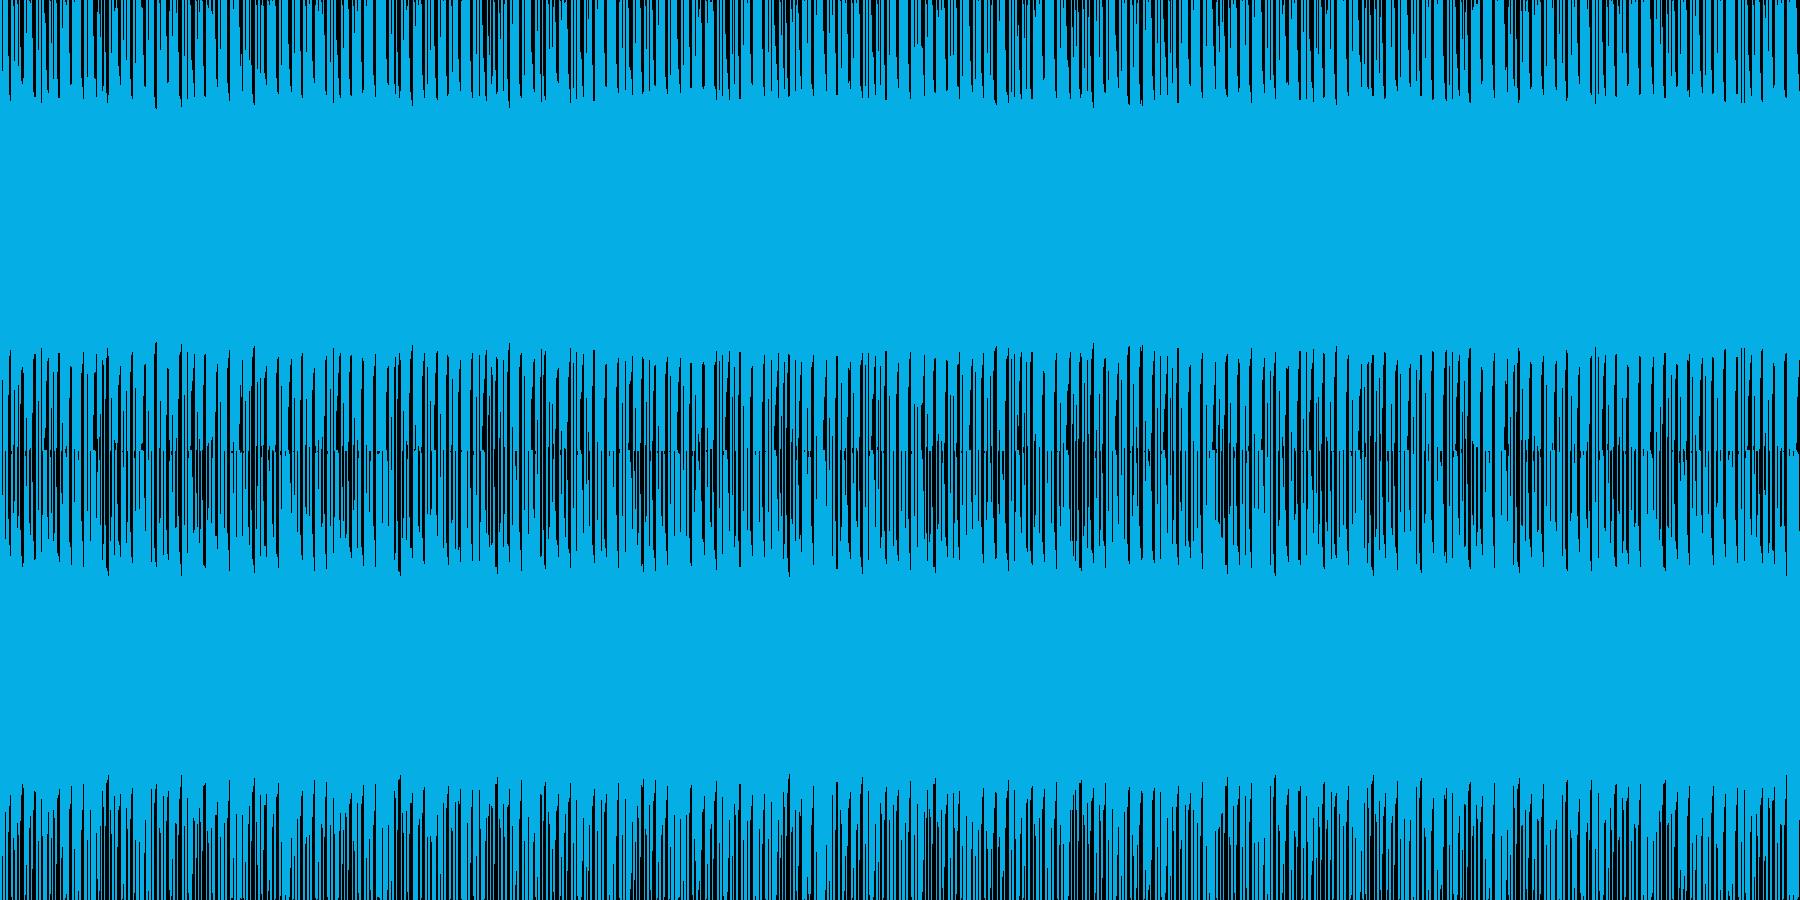 ラップしたくなるビートの再生済みの波形